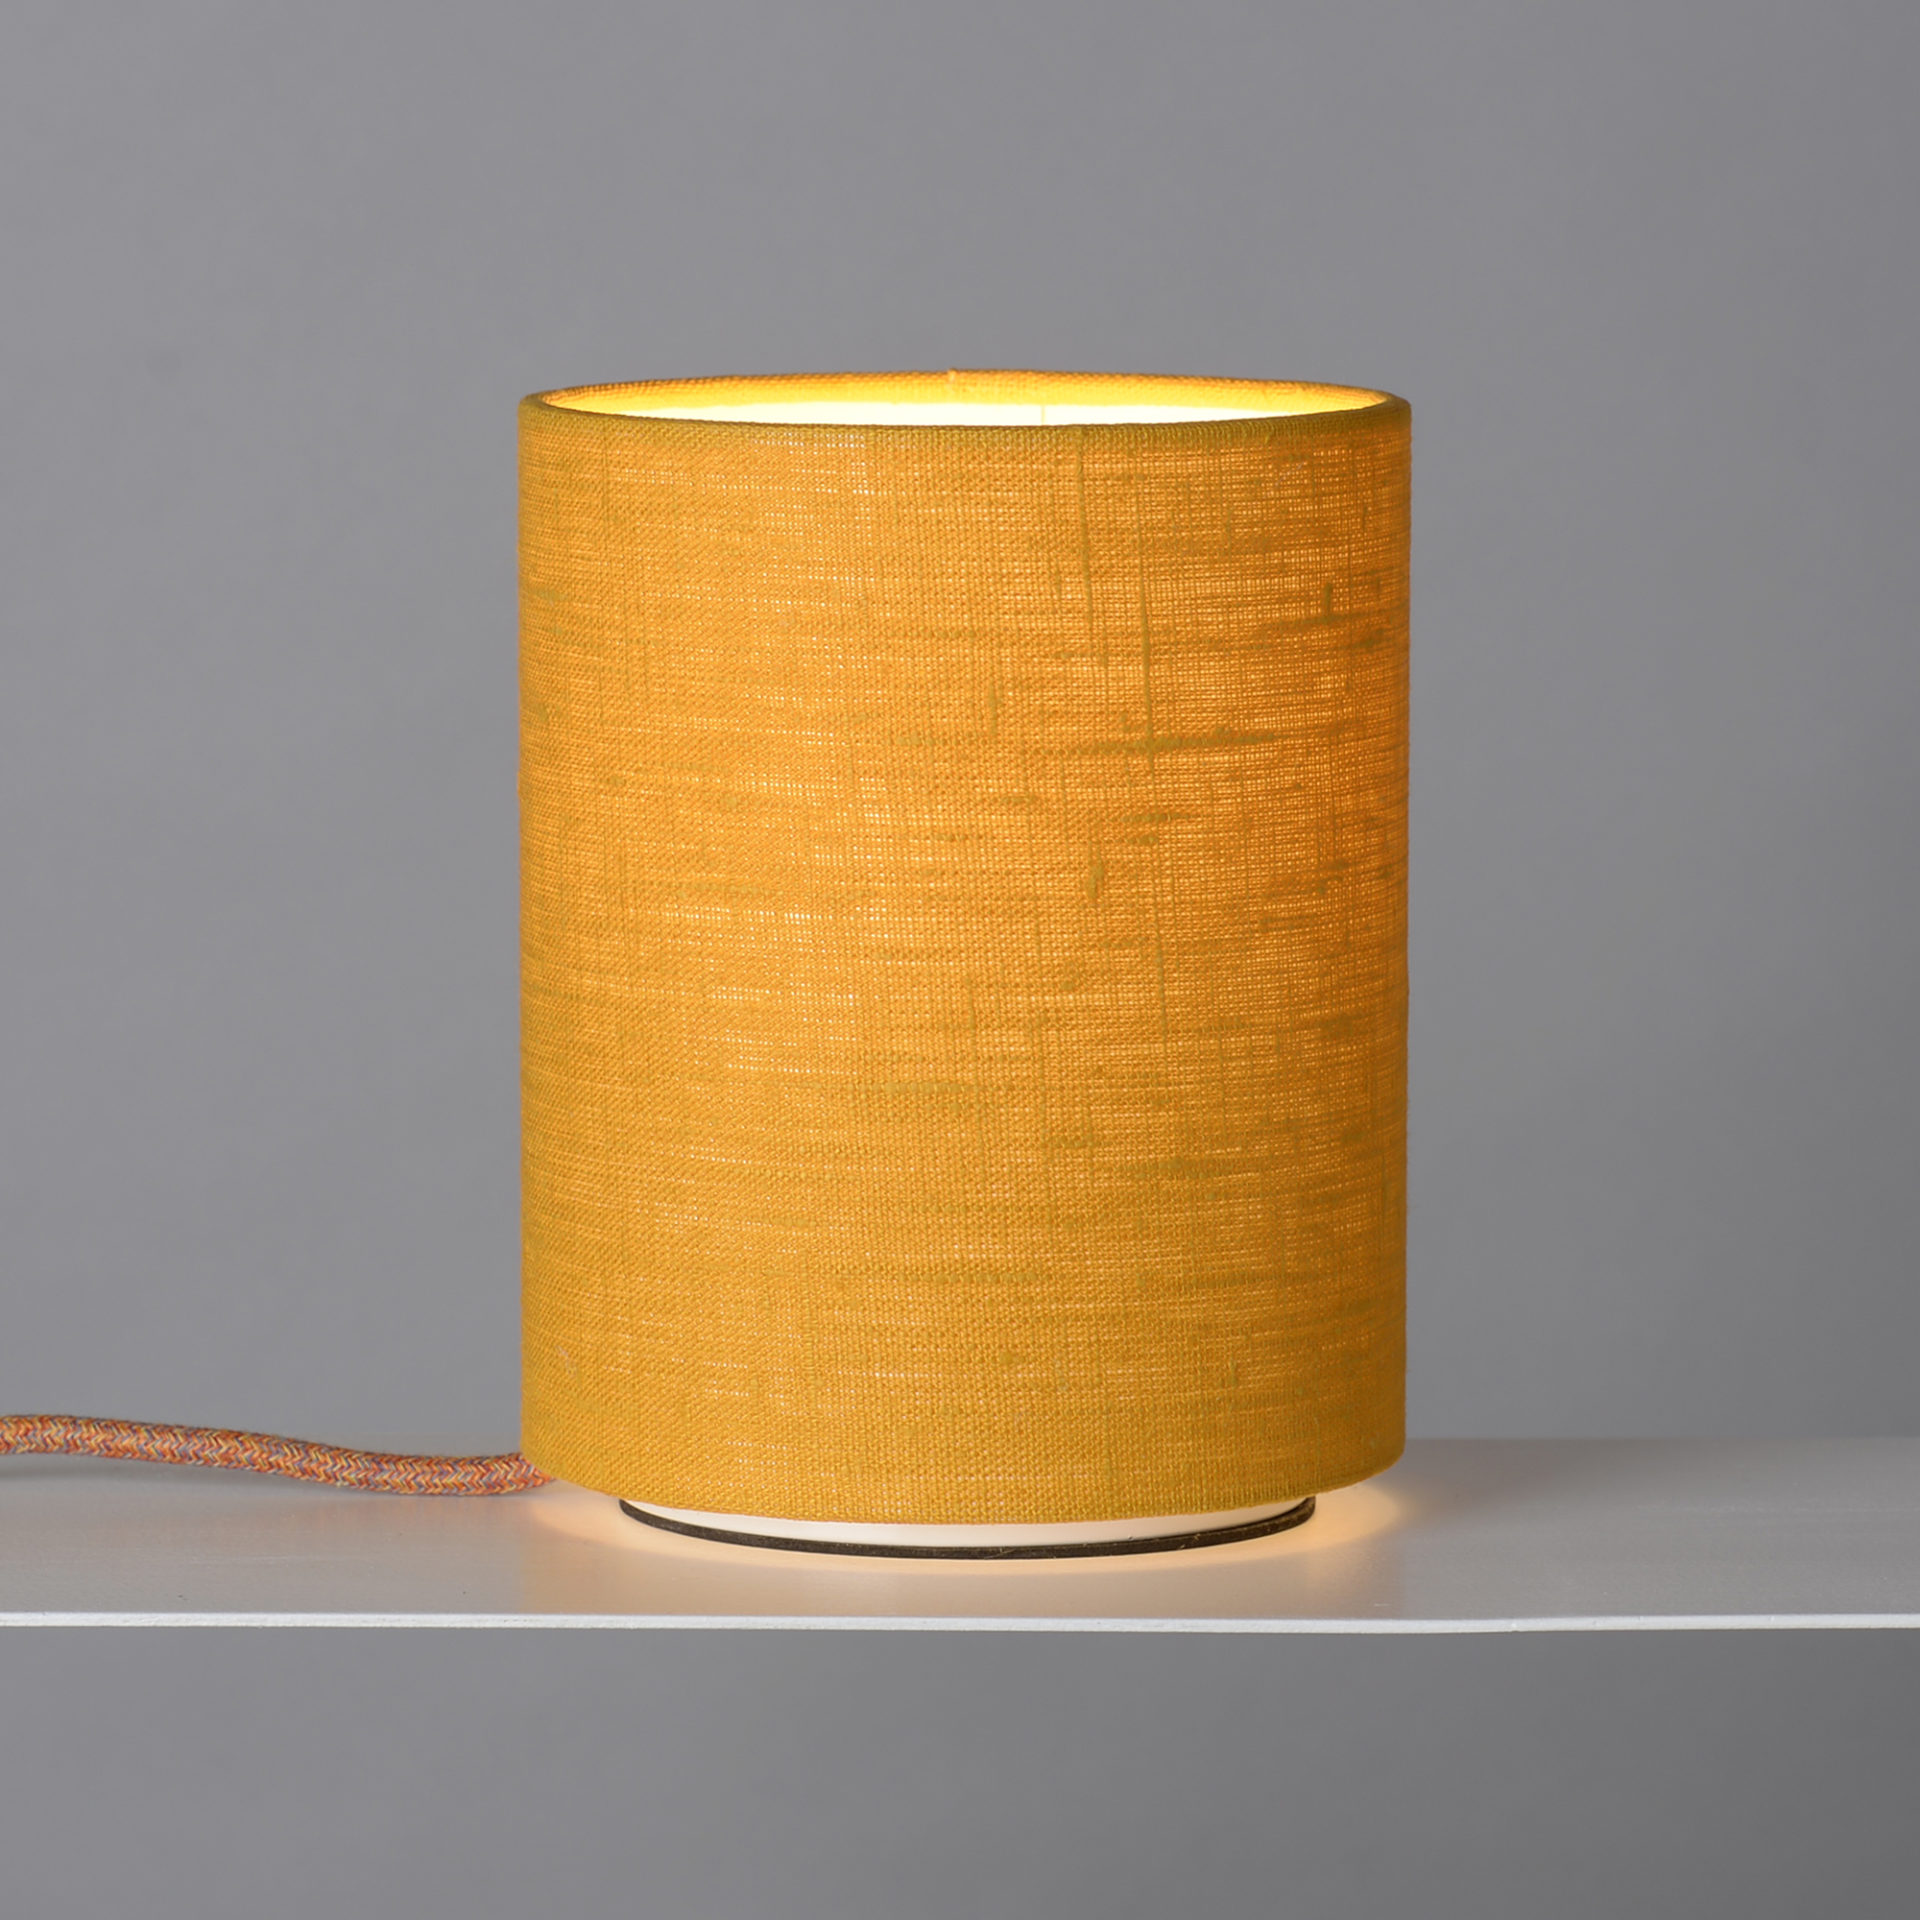 Tischlampe gelb